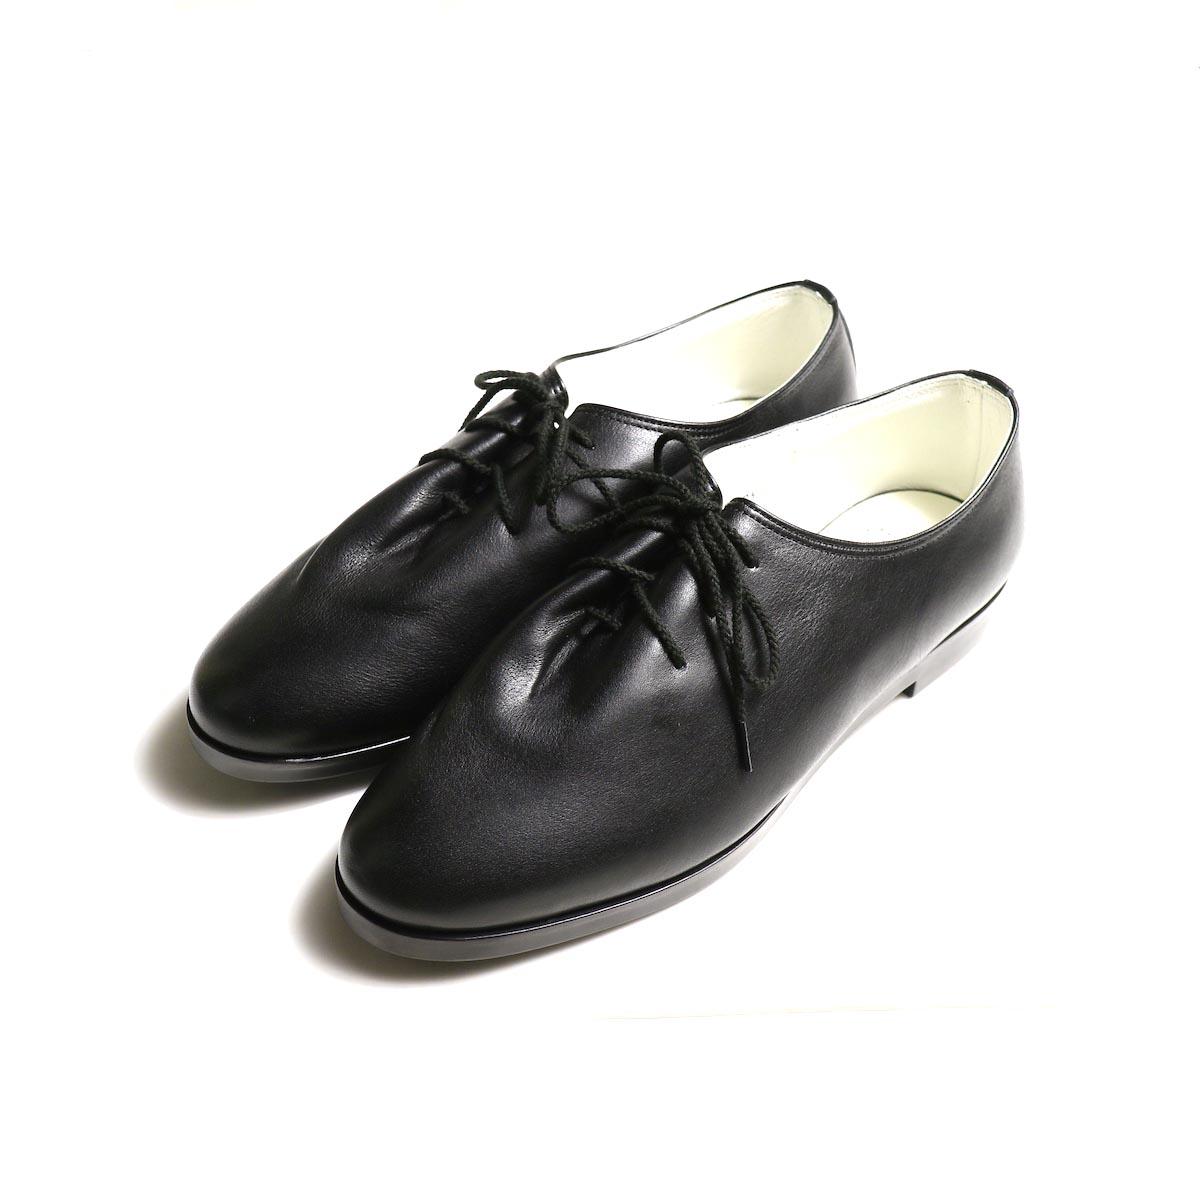 FOOTSTOCK ORIGINALS / ONE PIECE (Black)